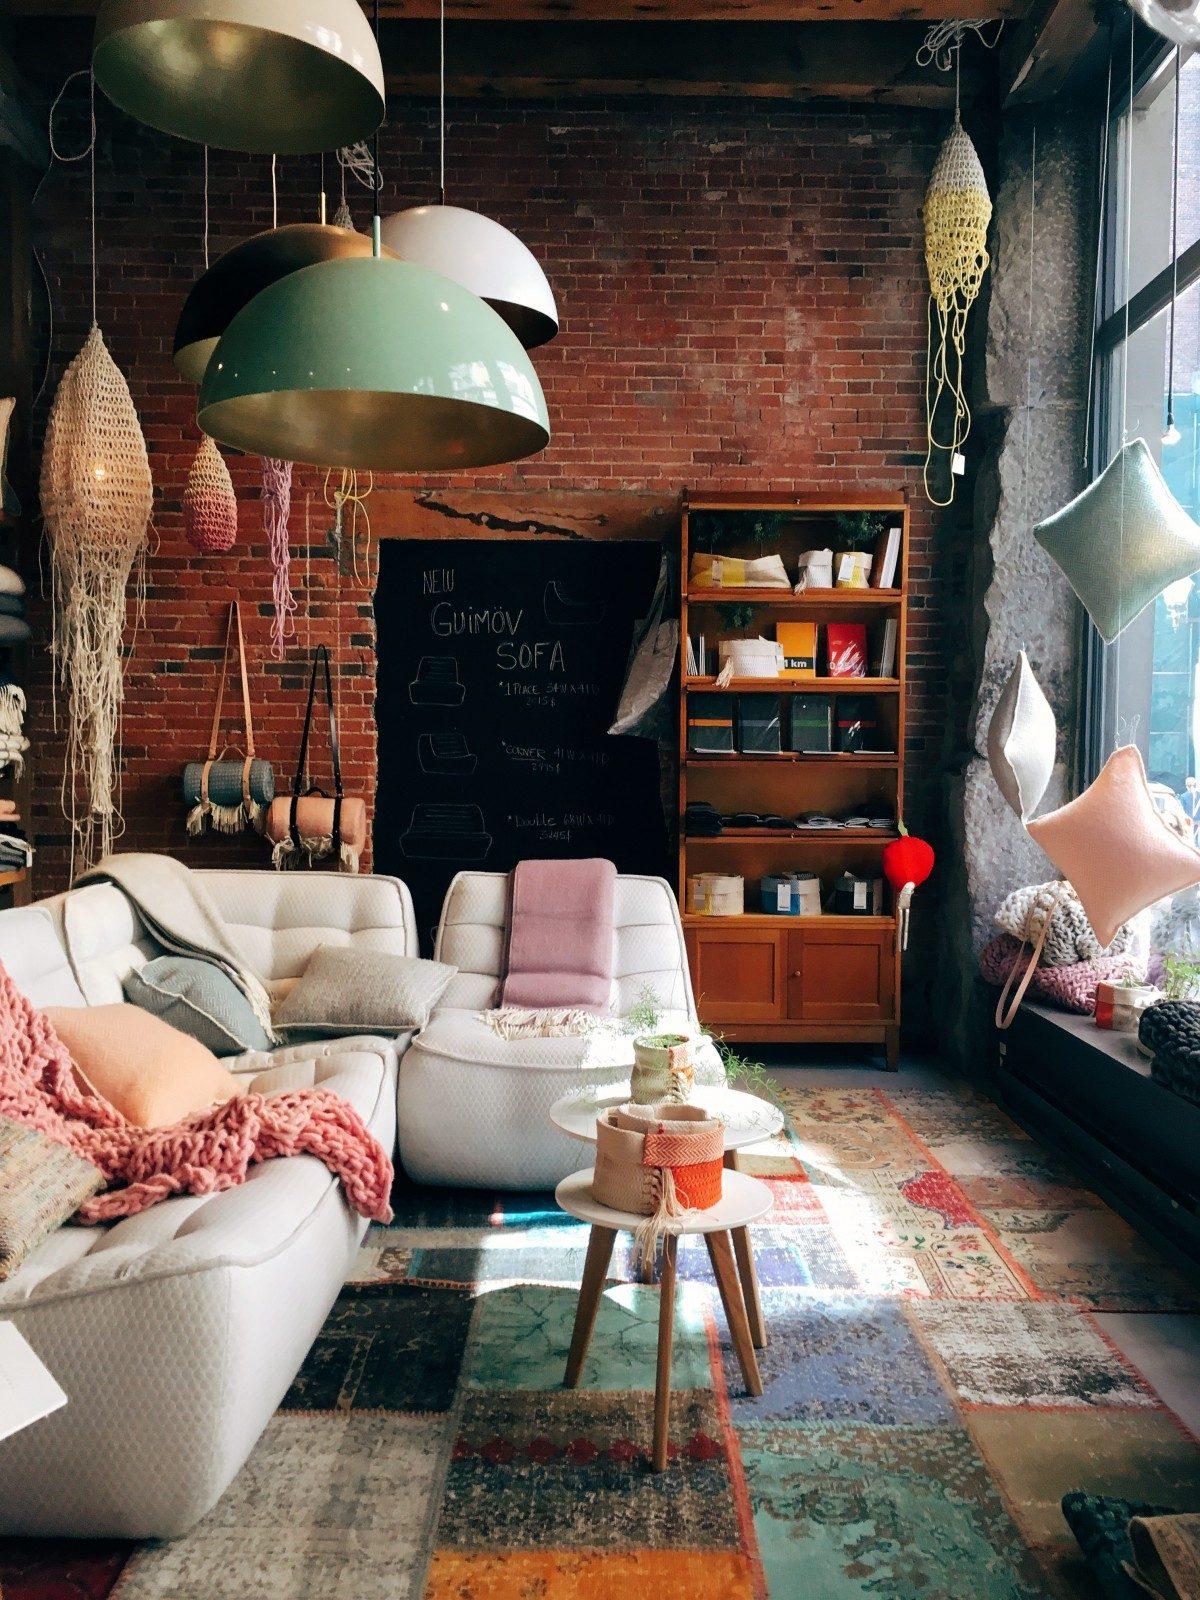 Lampadari Per Stanza Ragazzi l'illuminazione per la casa: quale luce scegliere stanza per